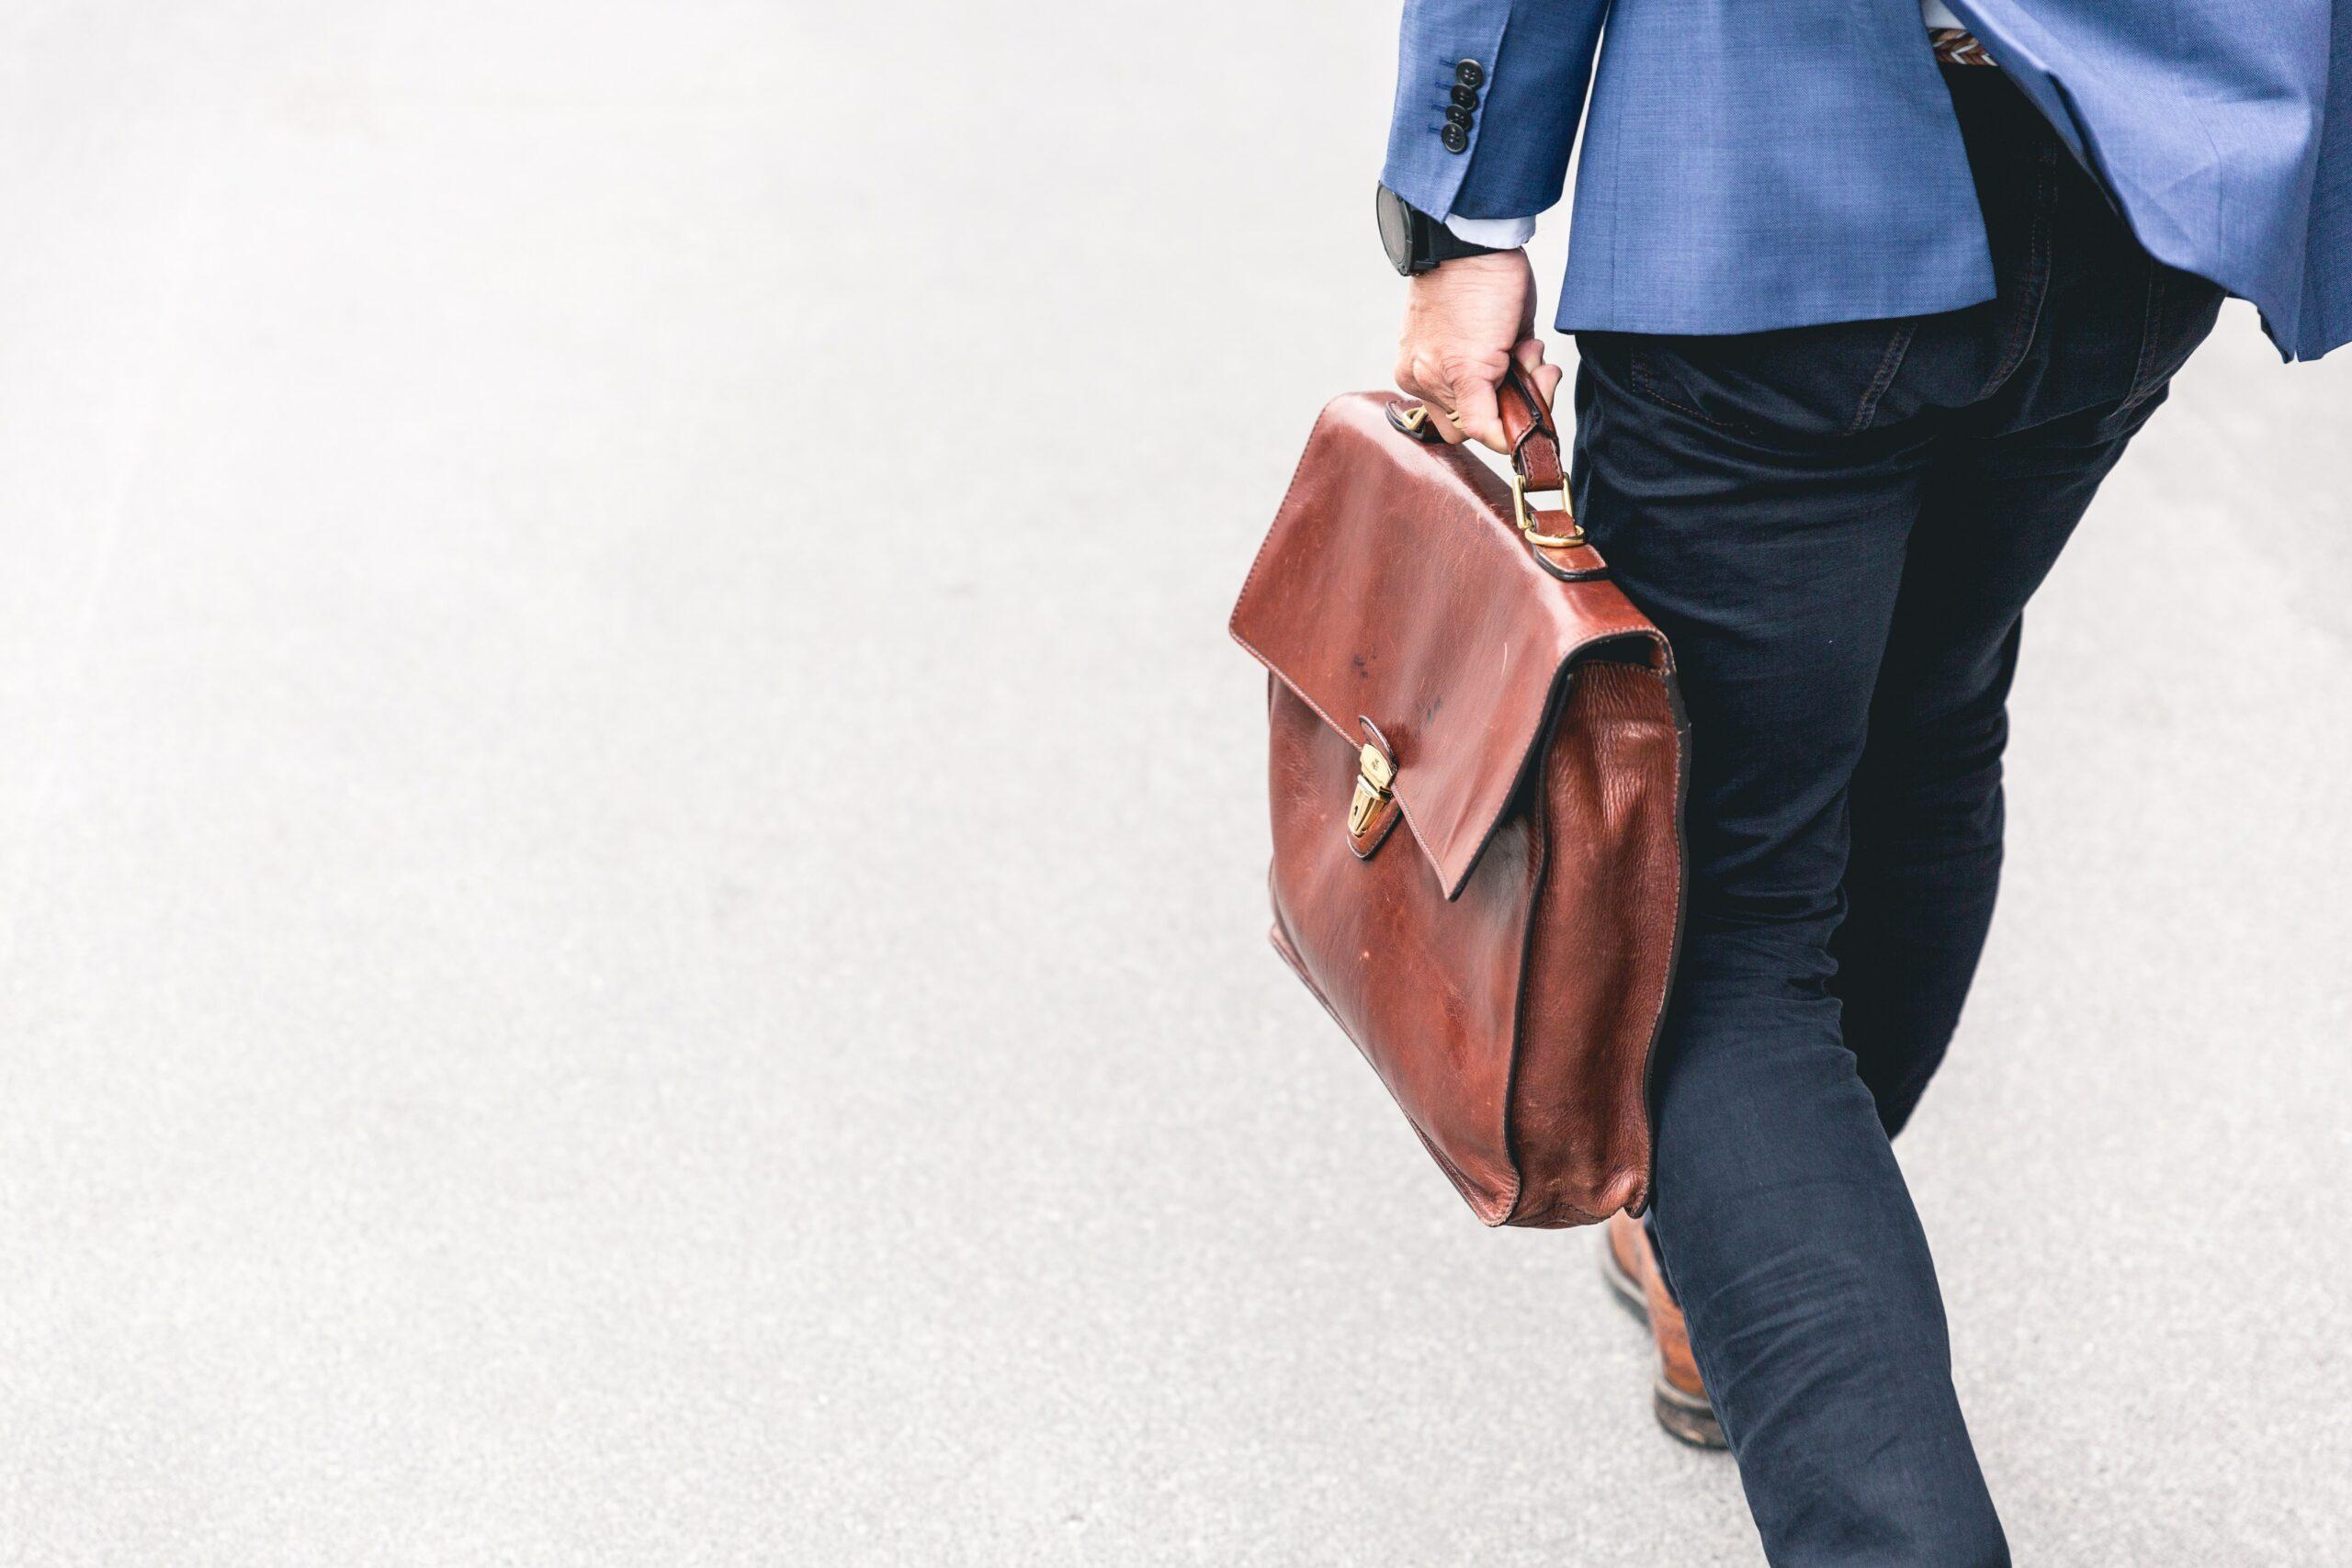 zelf ontslag nemen is (niet) hetzelfde als verliezen - blog van Kim Timperman